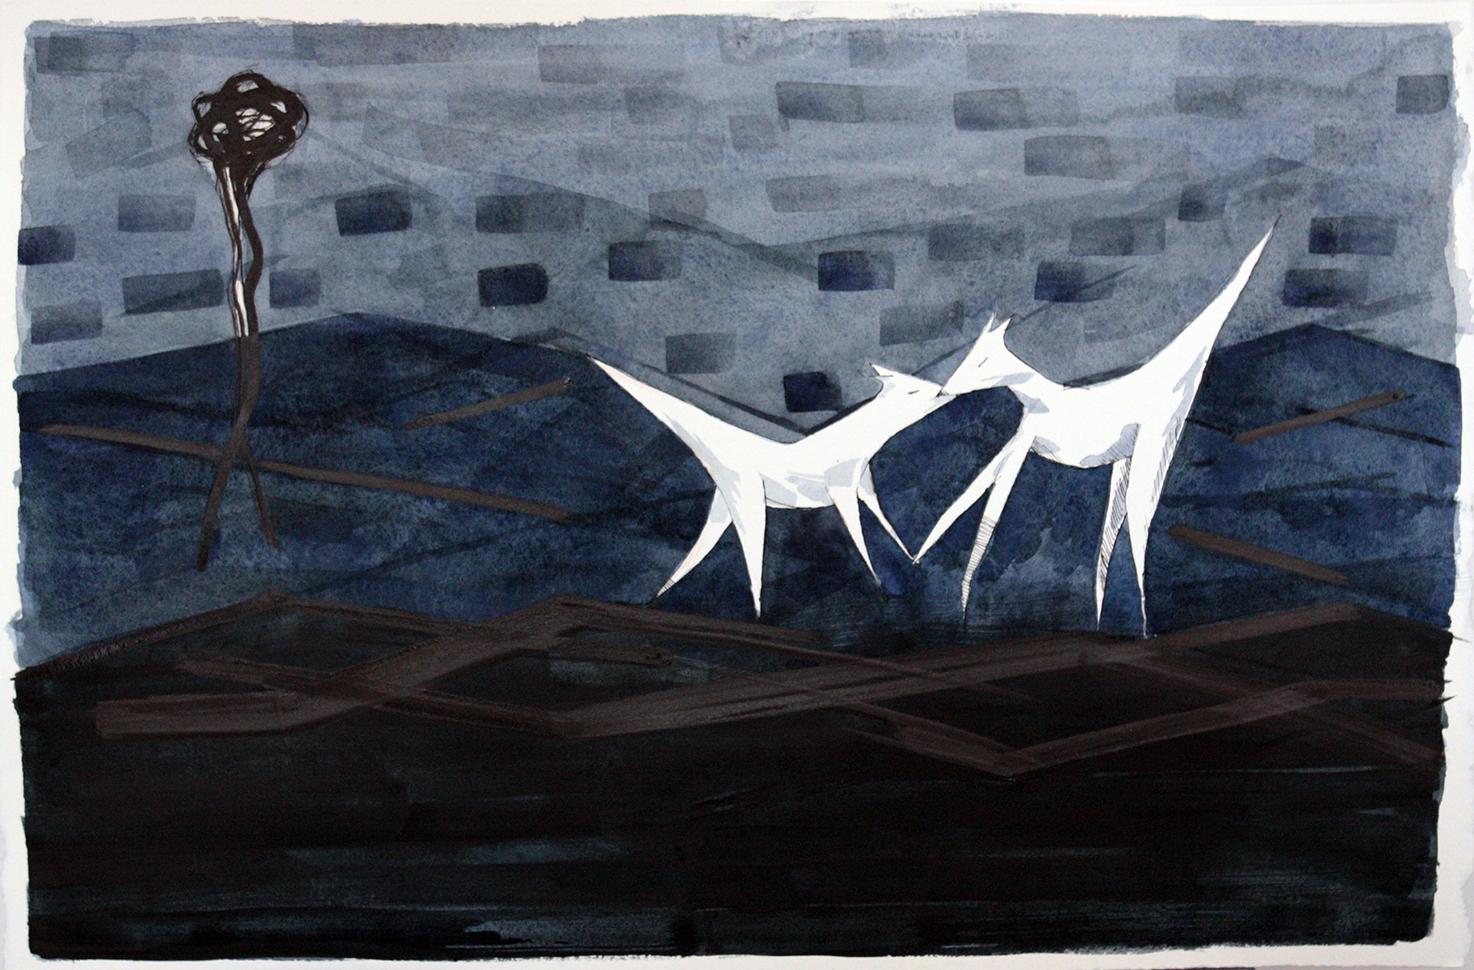 Paulina Herrera Letelier Due lupi blu. Venerdì 6 aprile 2018 alle 18, nelle sale del Centro comunale d'arte il Ghetto, inaugura Tratti illustri. Illustrazione contemporanea in Sardegna, mostra ideata e curata da Roberta Vanali e realizzata in collaborazione del Consorzio Camù.